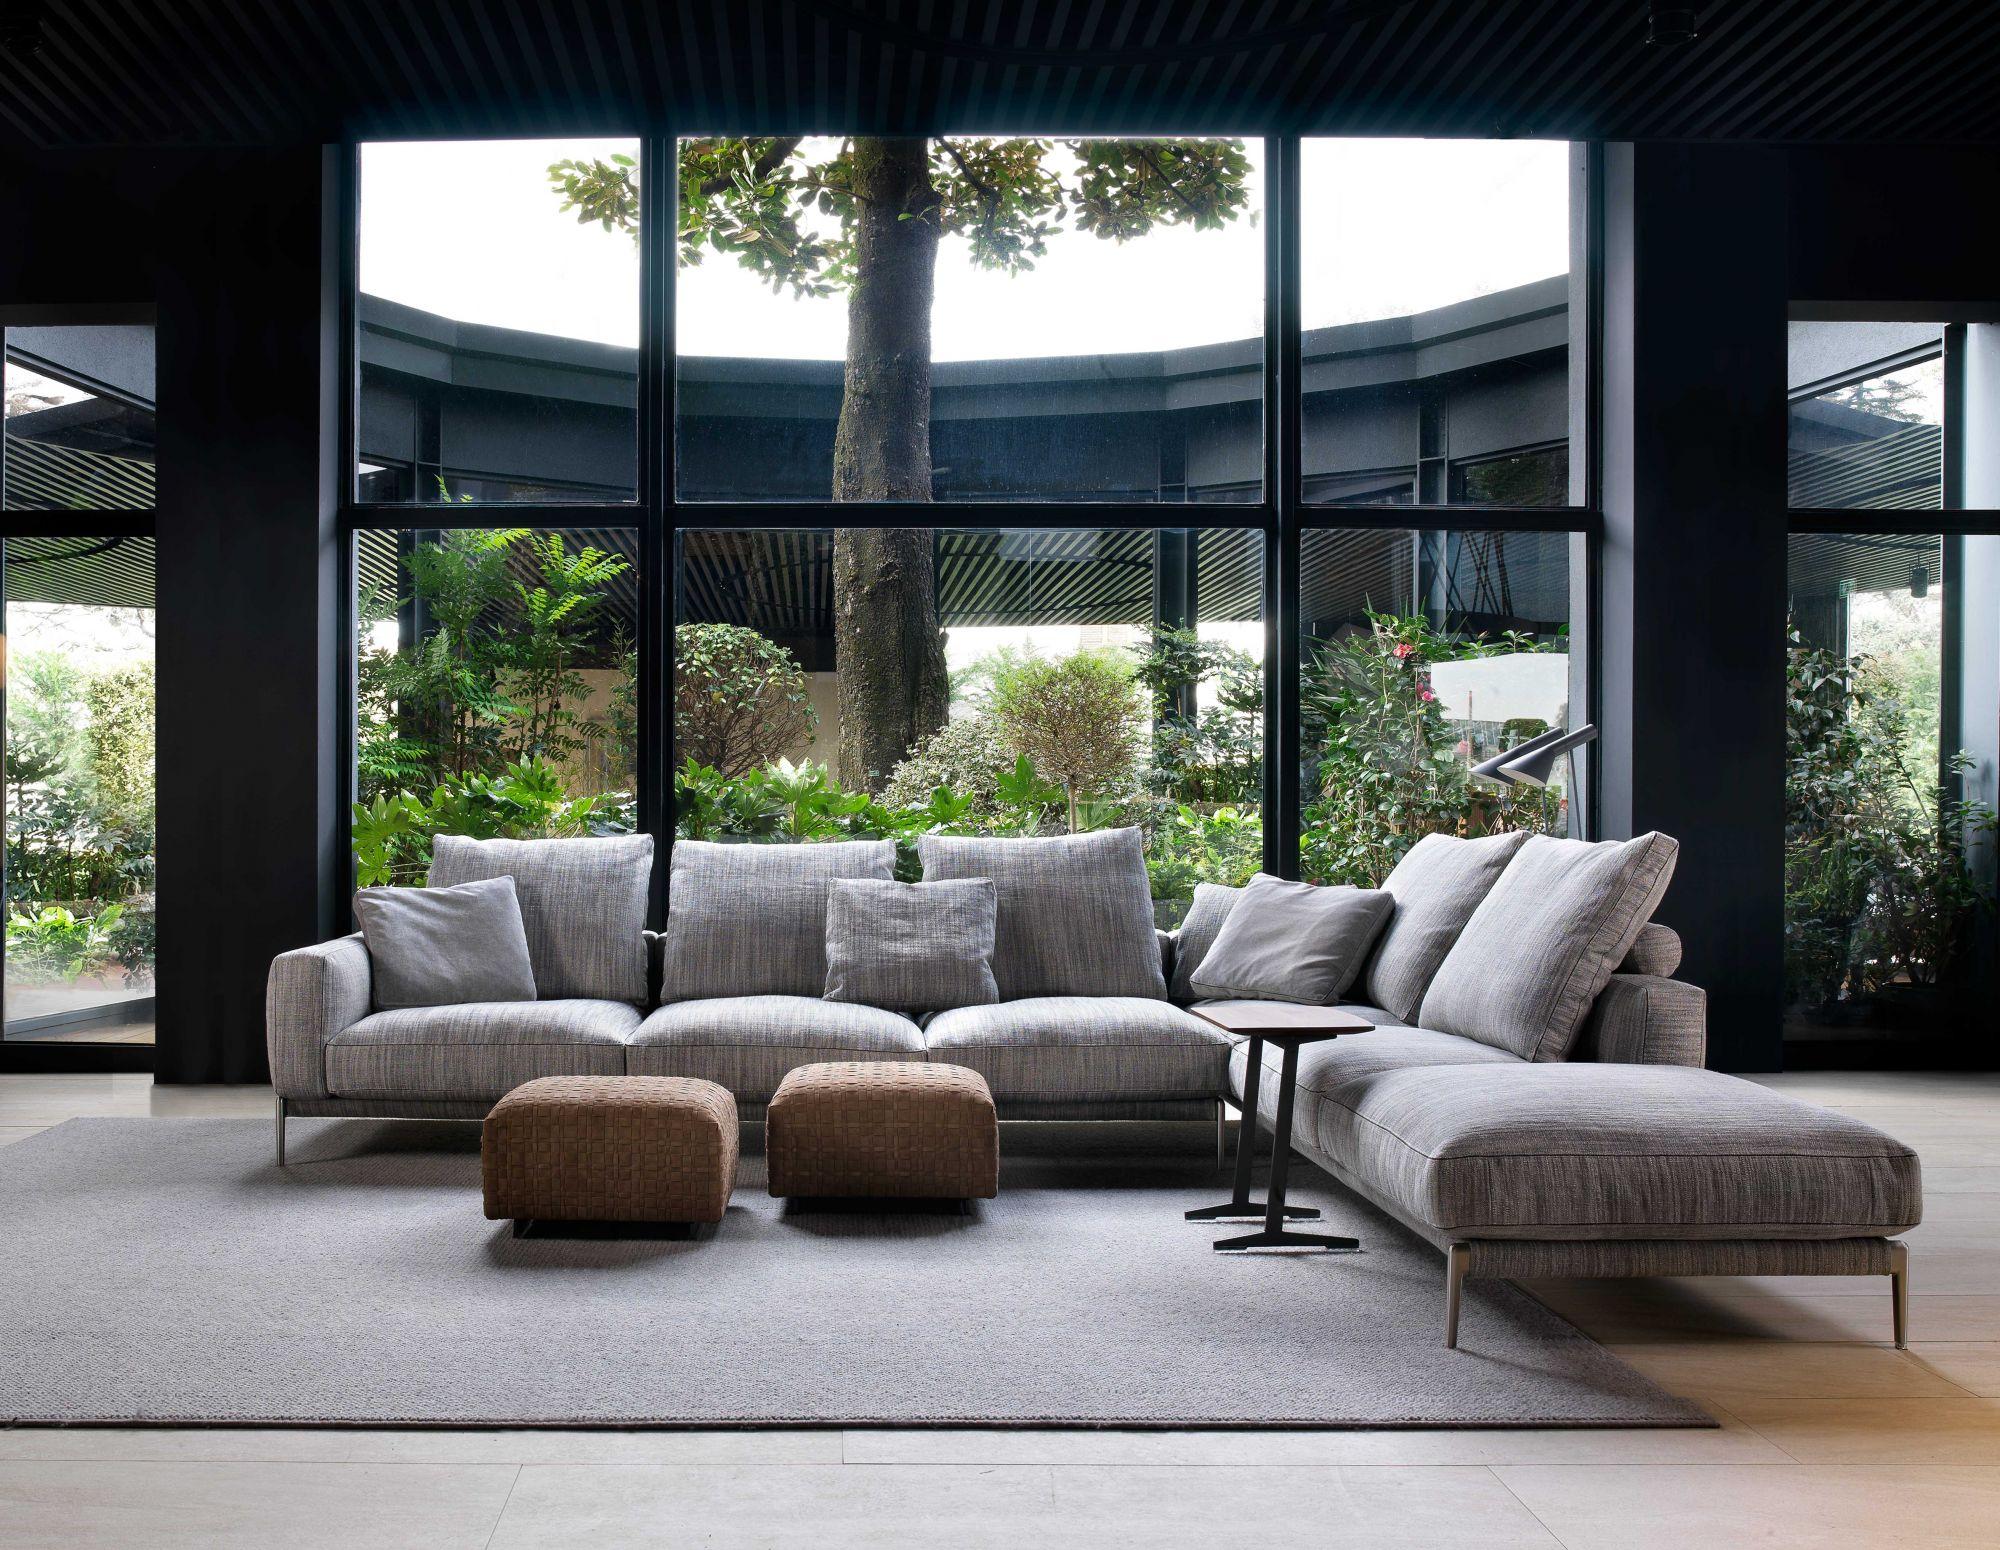 C for Comfort的體感美學,Flexform用超越時代的簡潔設計散發歷久不衰的魅力